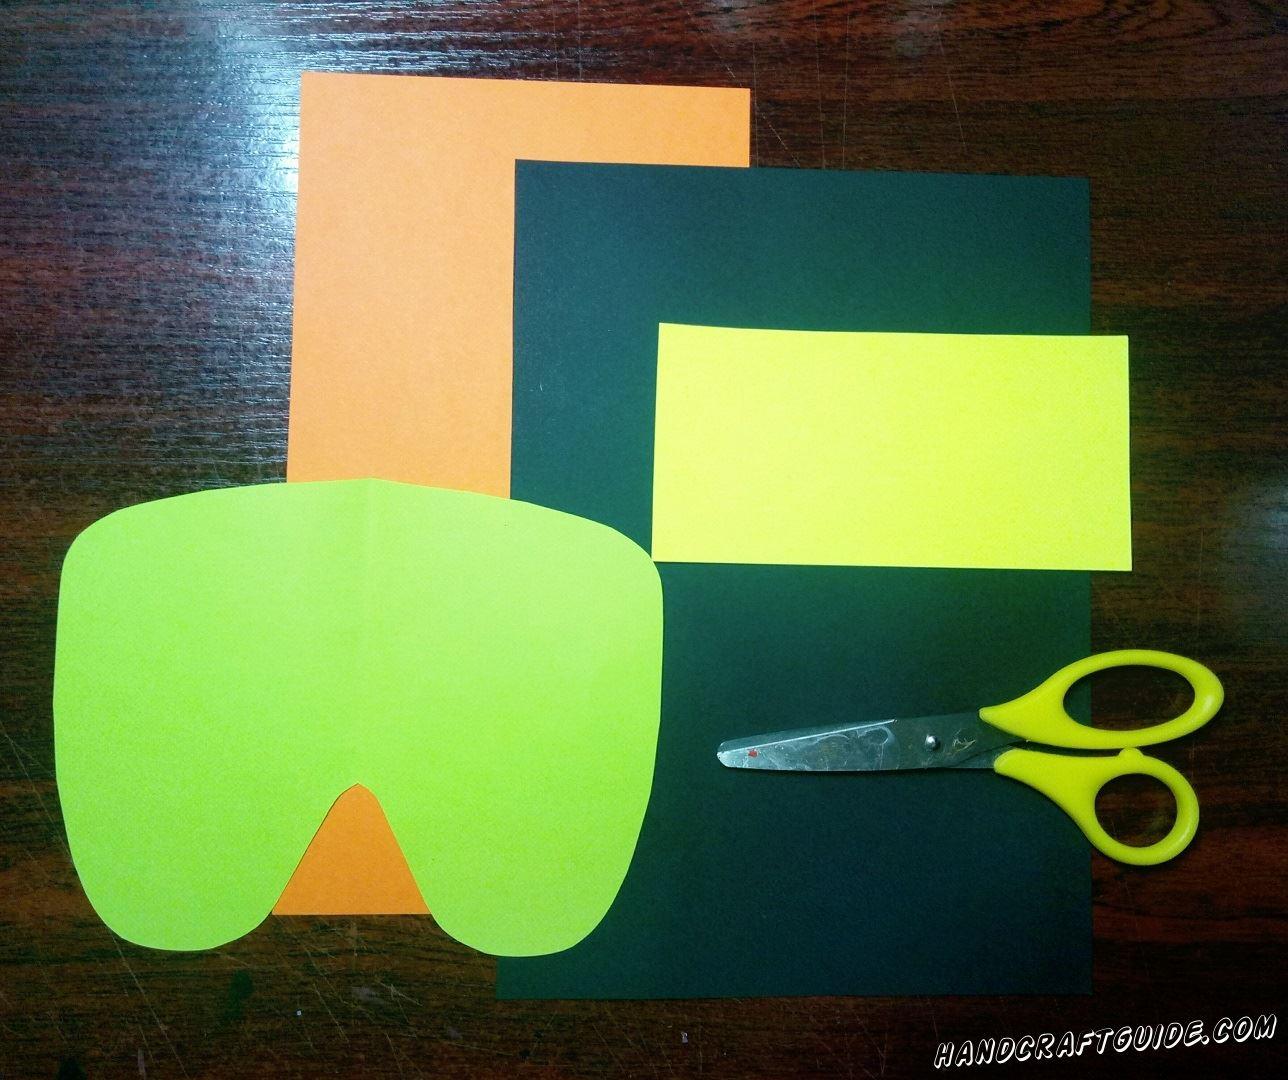 Берем бумагу салатового цвета и вырезаем основу нашей маски, как показано на фото